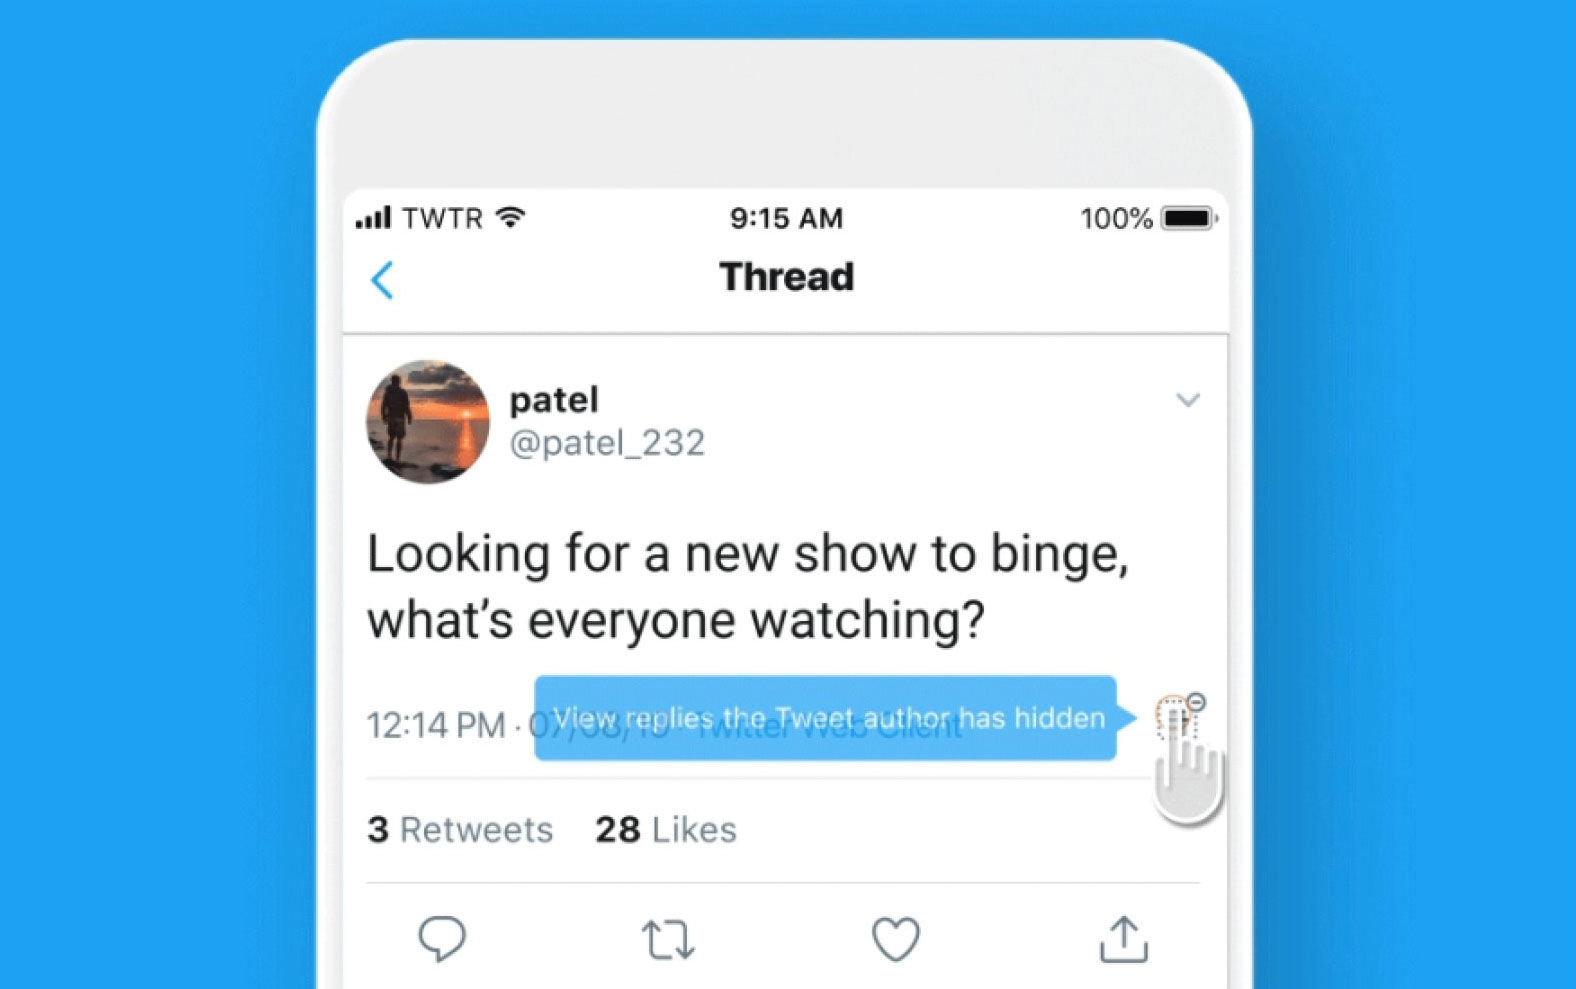 بهروزرسانی جدید توئیتر به کاربران اجازه میدهد جواب سایرین به توئیتهایشان را مخفی کنند